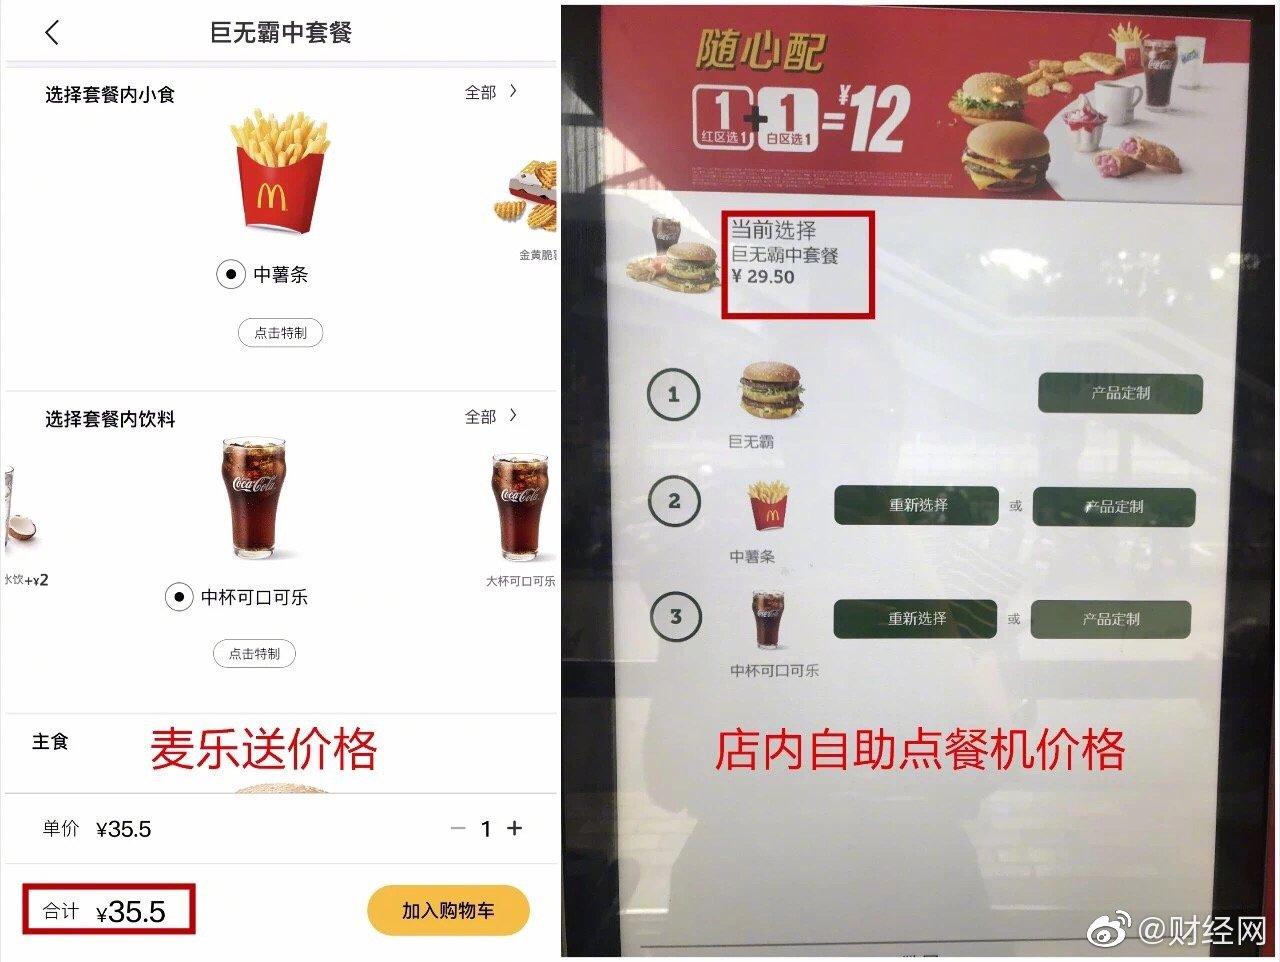 麦当劳外卖比堂食定价高:扣除配送费后麦当劳外卖比堂食贵11元遭质疑